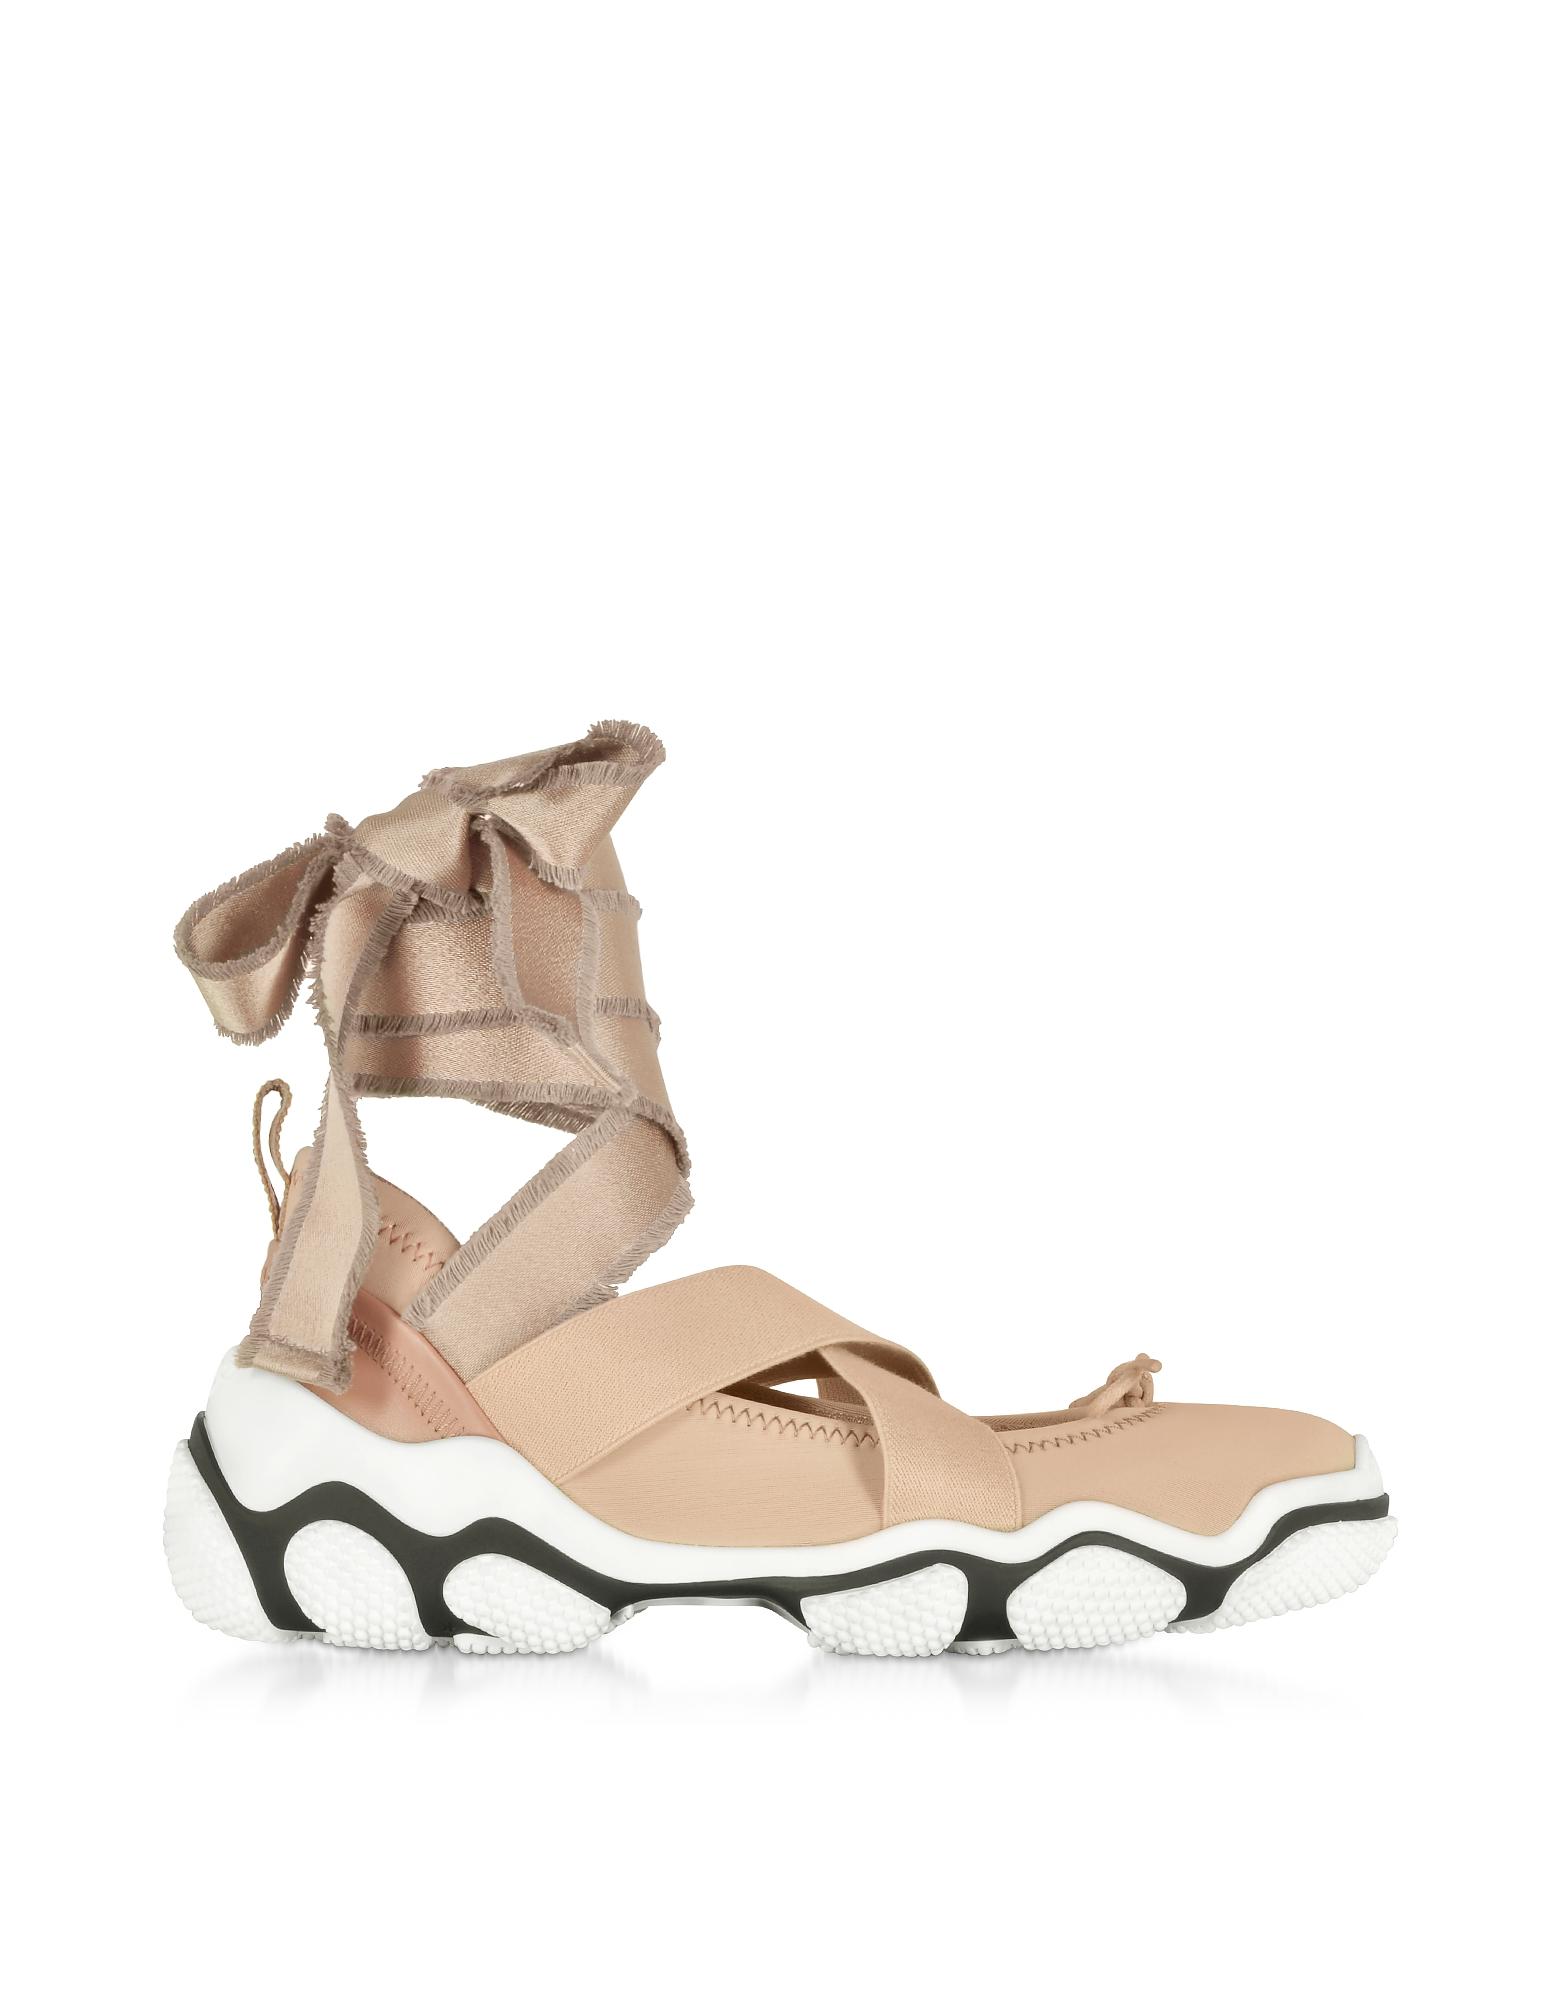 Nude Nylon Criss Cross Women's Sneakers